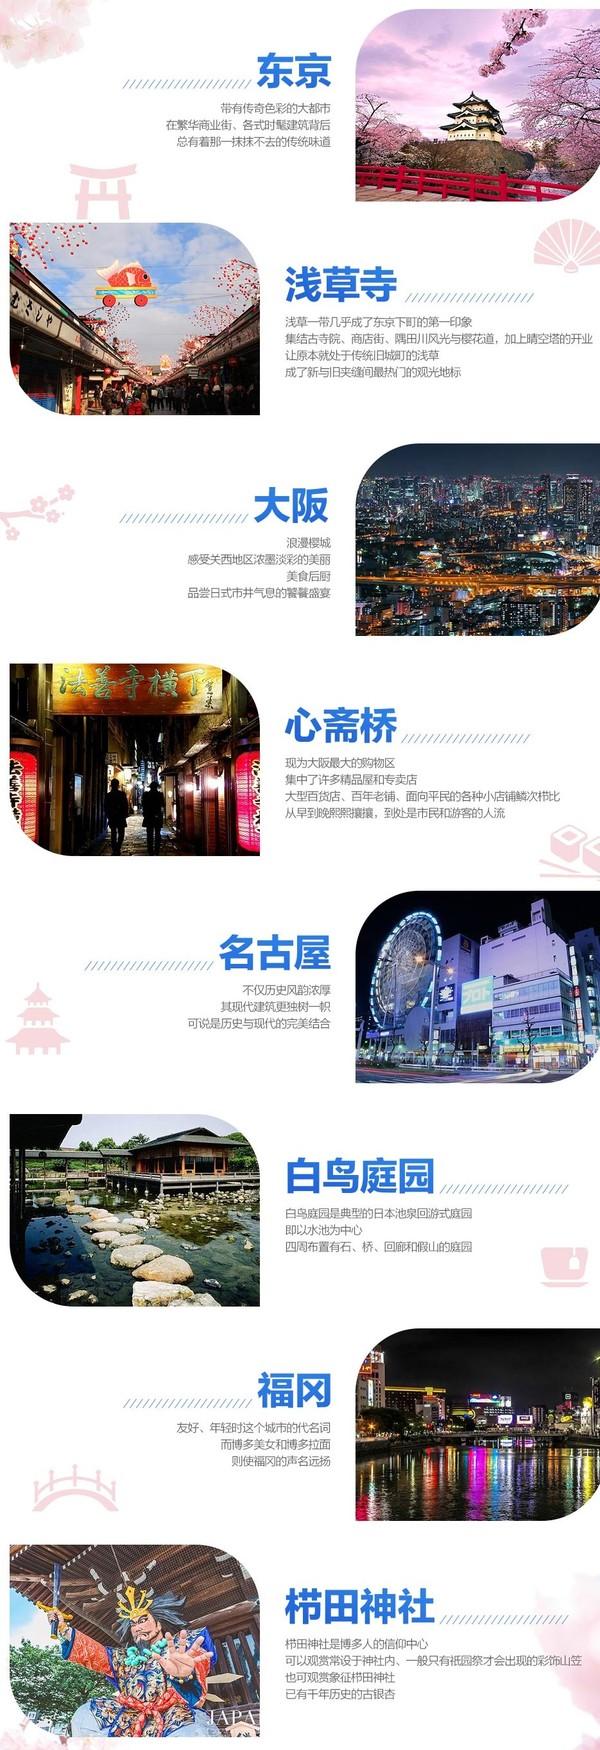 东方航空 北京-日本东京/大阪/名古屋/福冈2-4次往返机票套餐